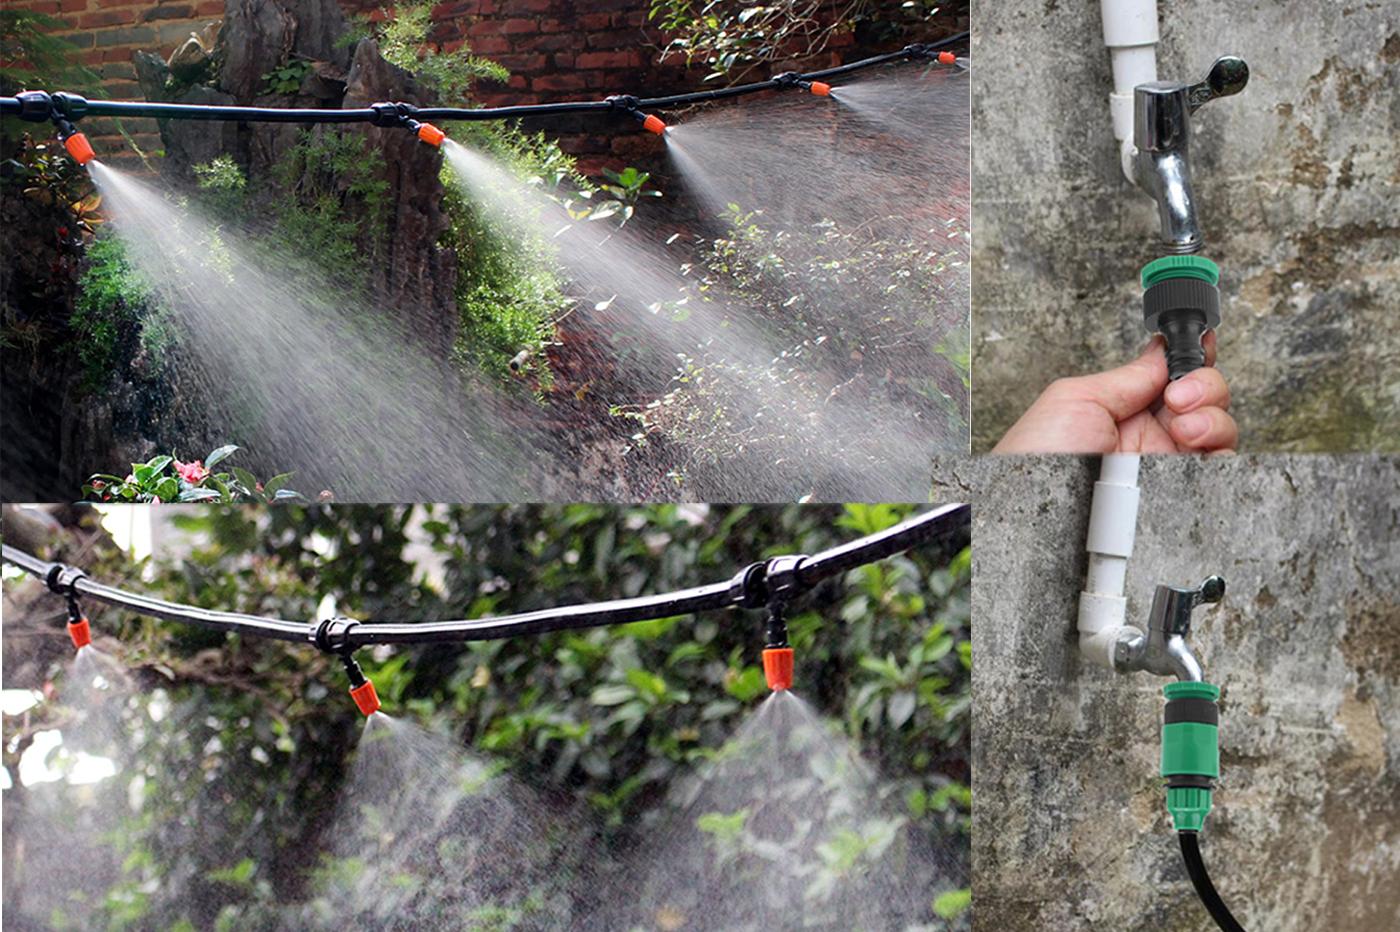 Irrigazione A Goccia Kit Micro Vasi Tubo Innaffiamento Per Terrazzo Giardino 10m